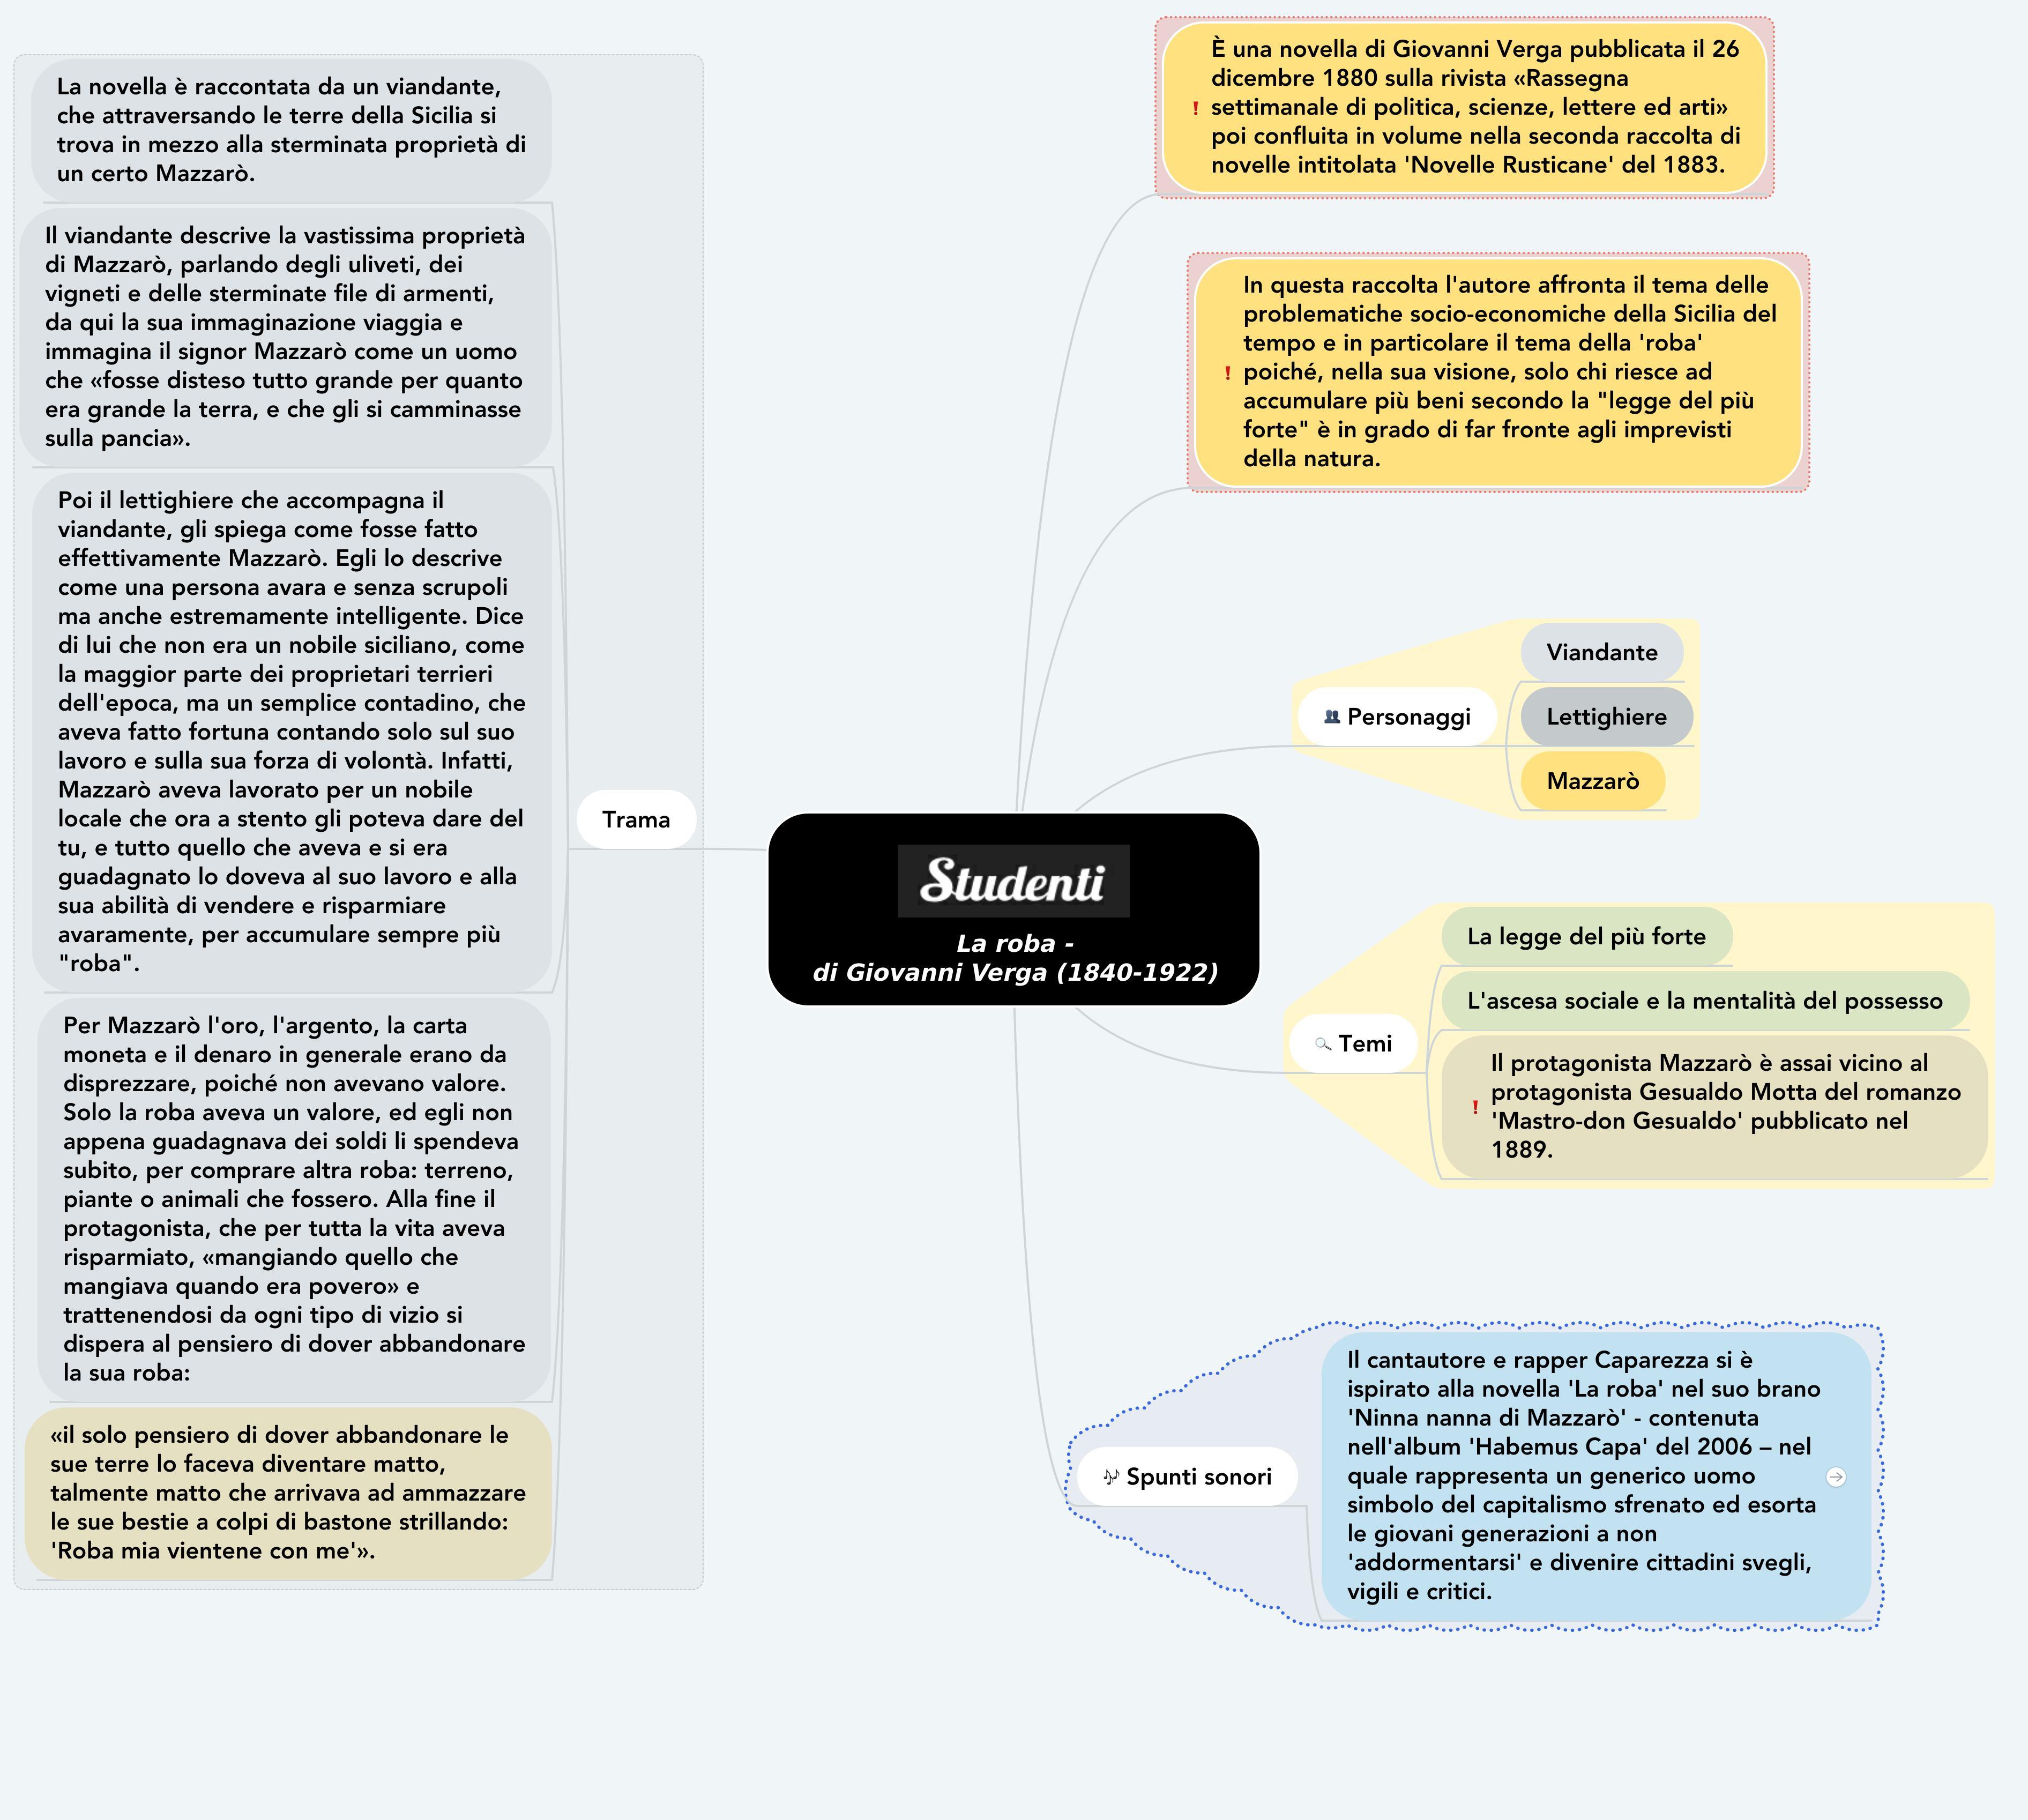 Mappa concettuale su La roba di Verga